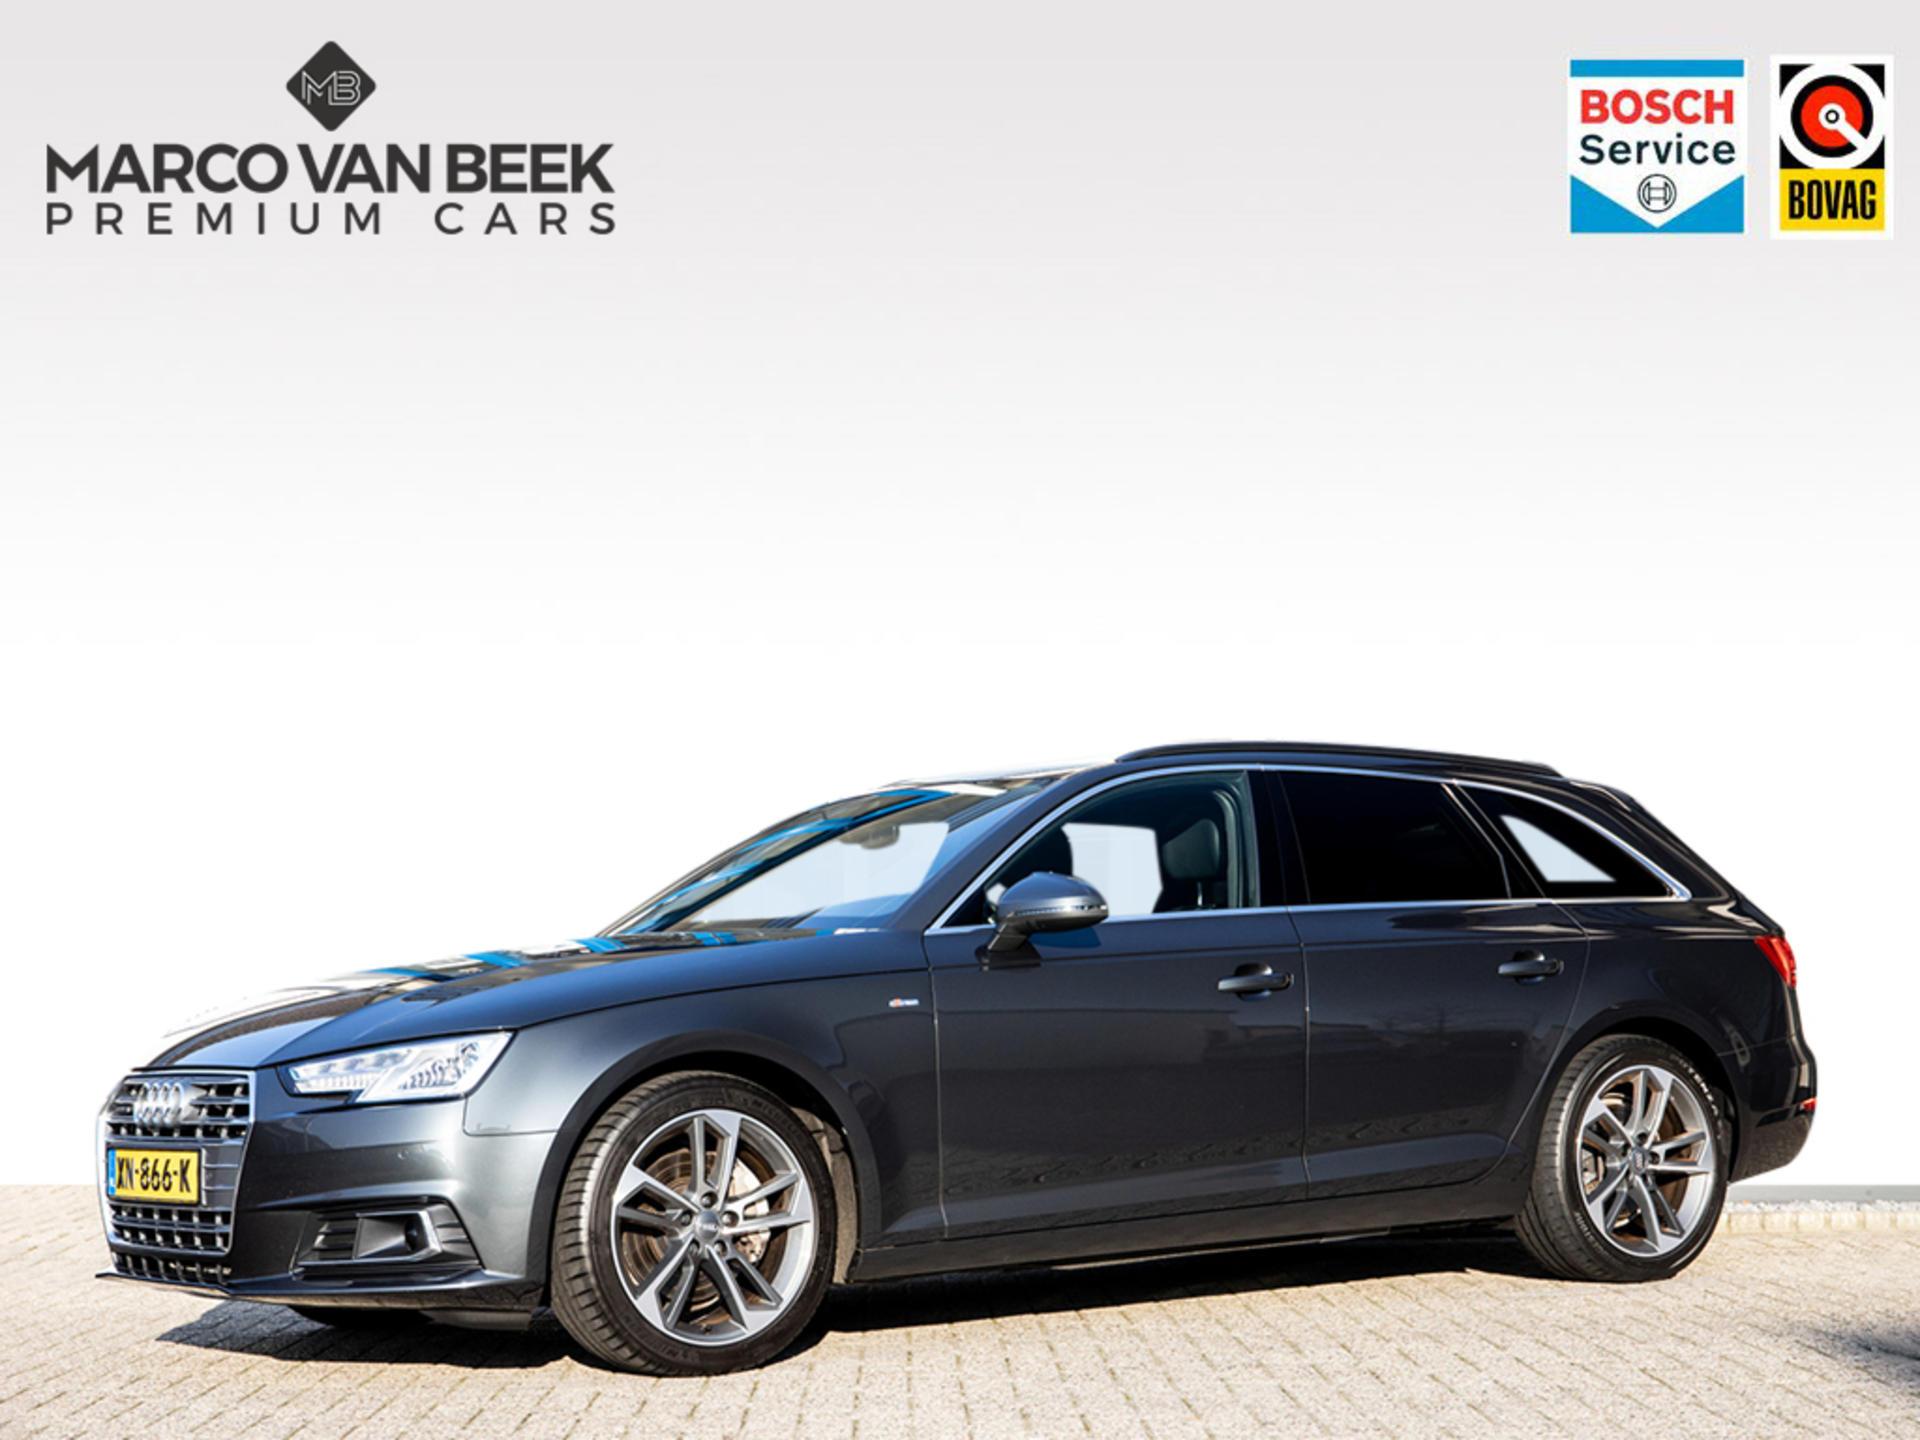 Audi A4 Avant 2.0 tdi quattro 190 pk s-line aut. pano acc trekhaak